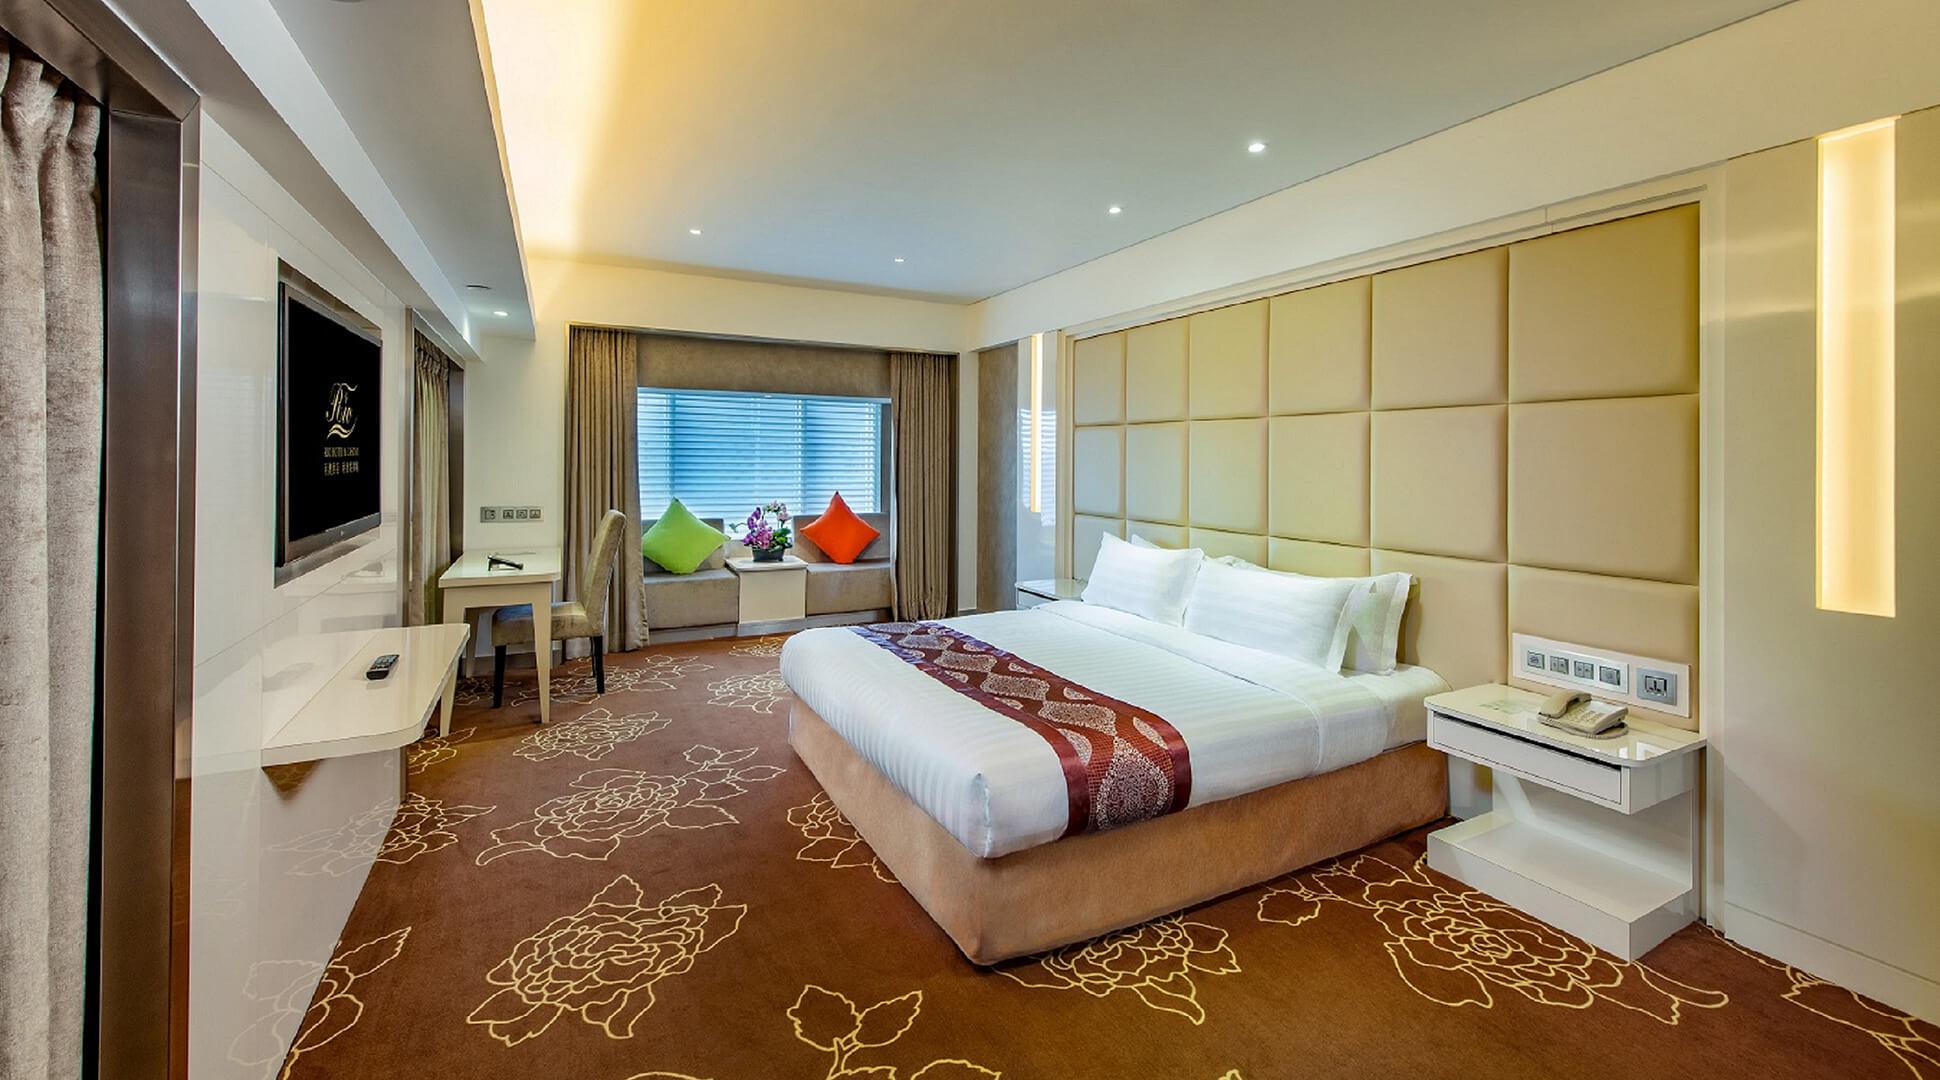 First Class Hotel Macau | Luxury Hotel in Macau | Budget